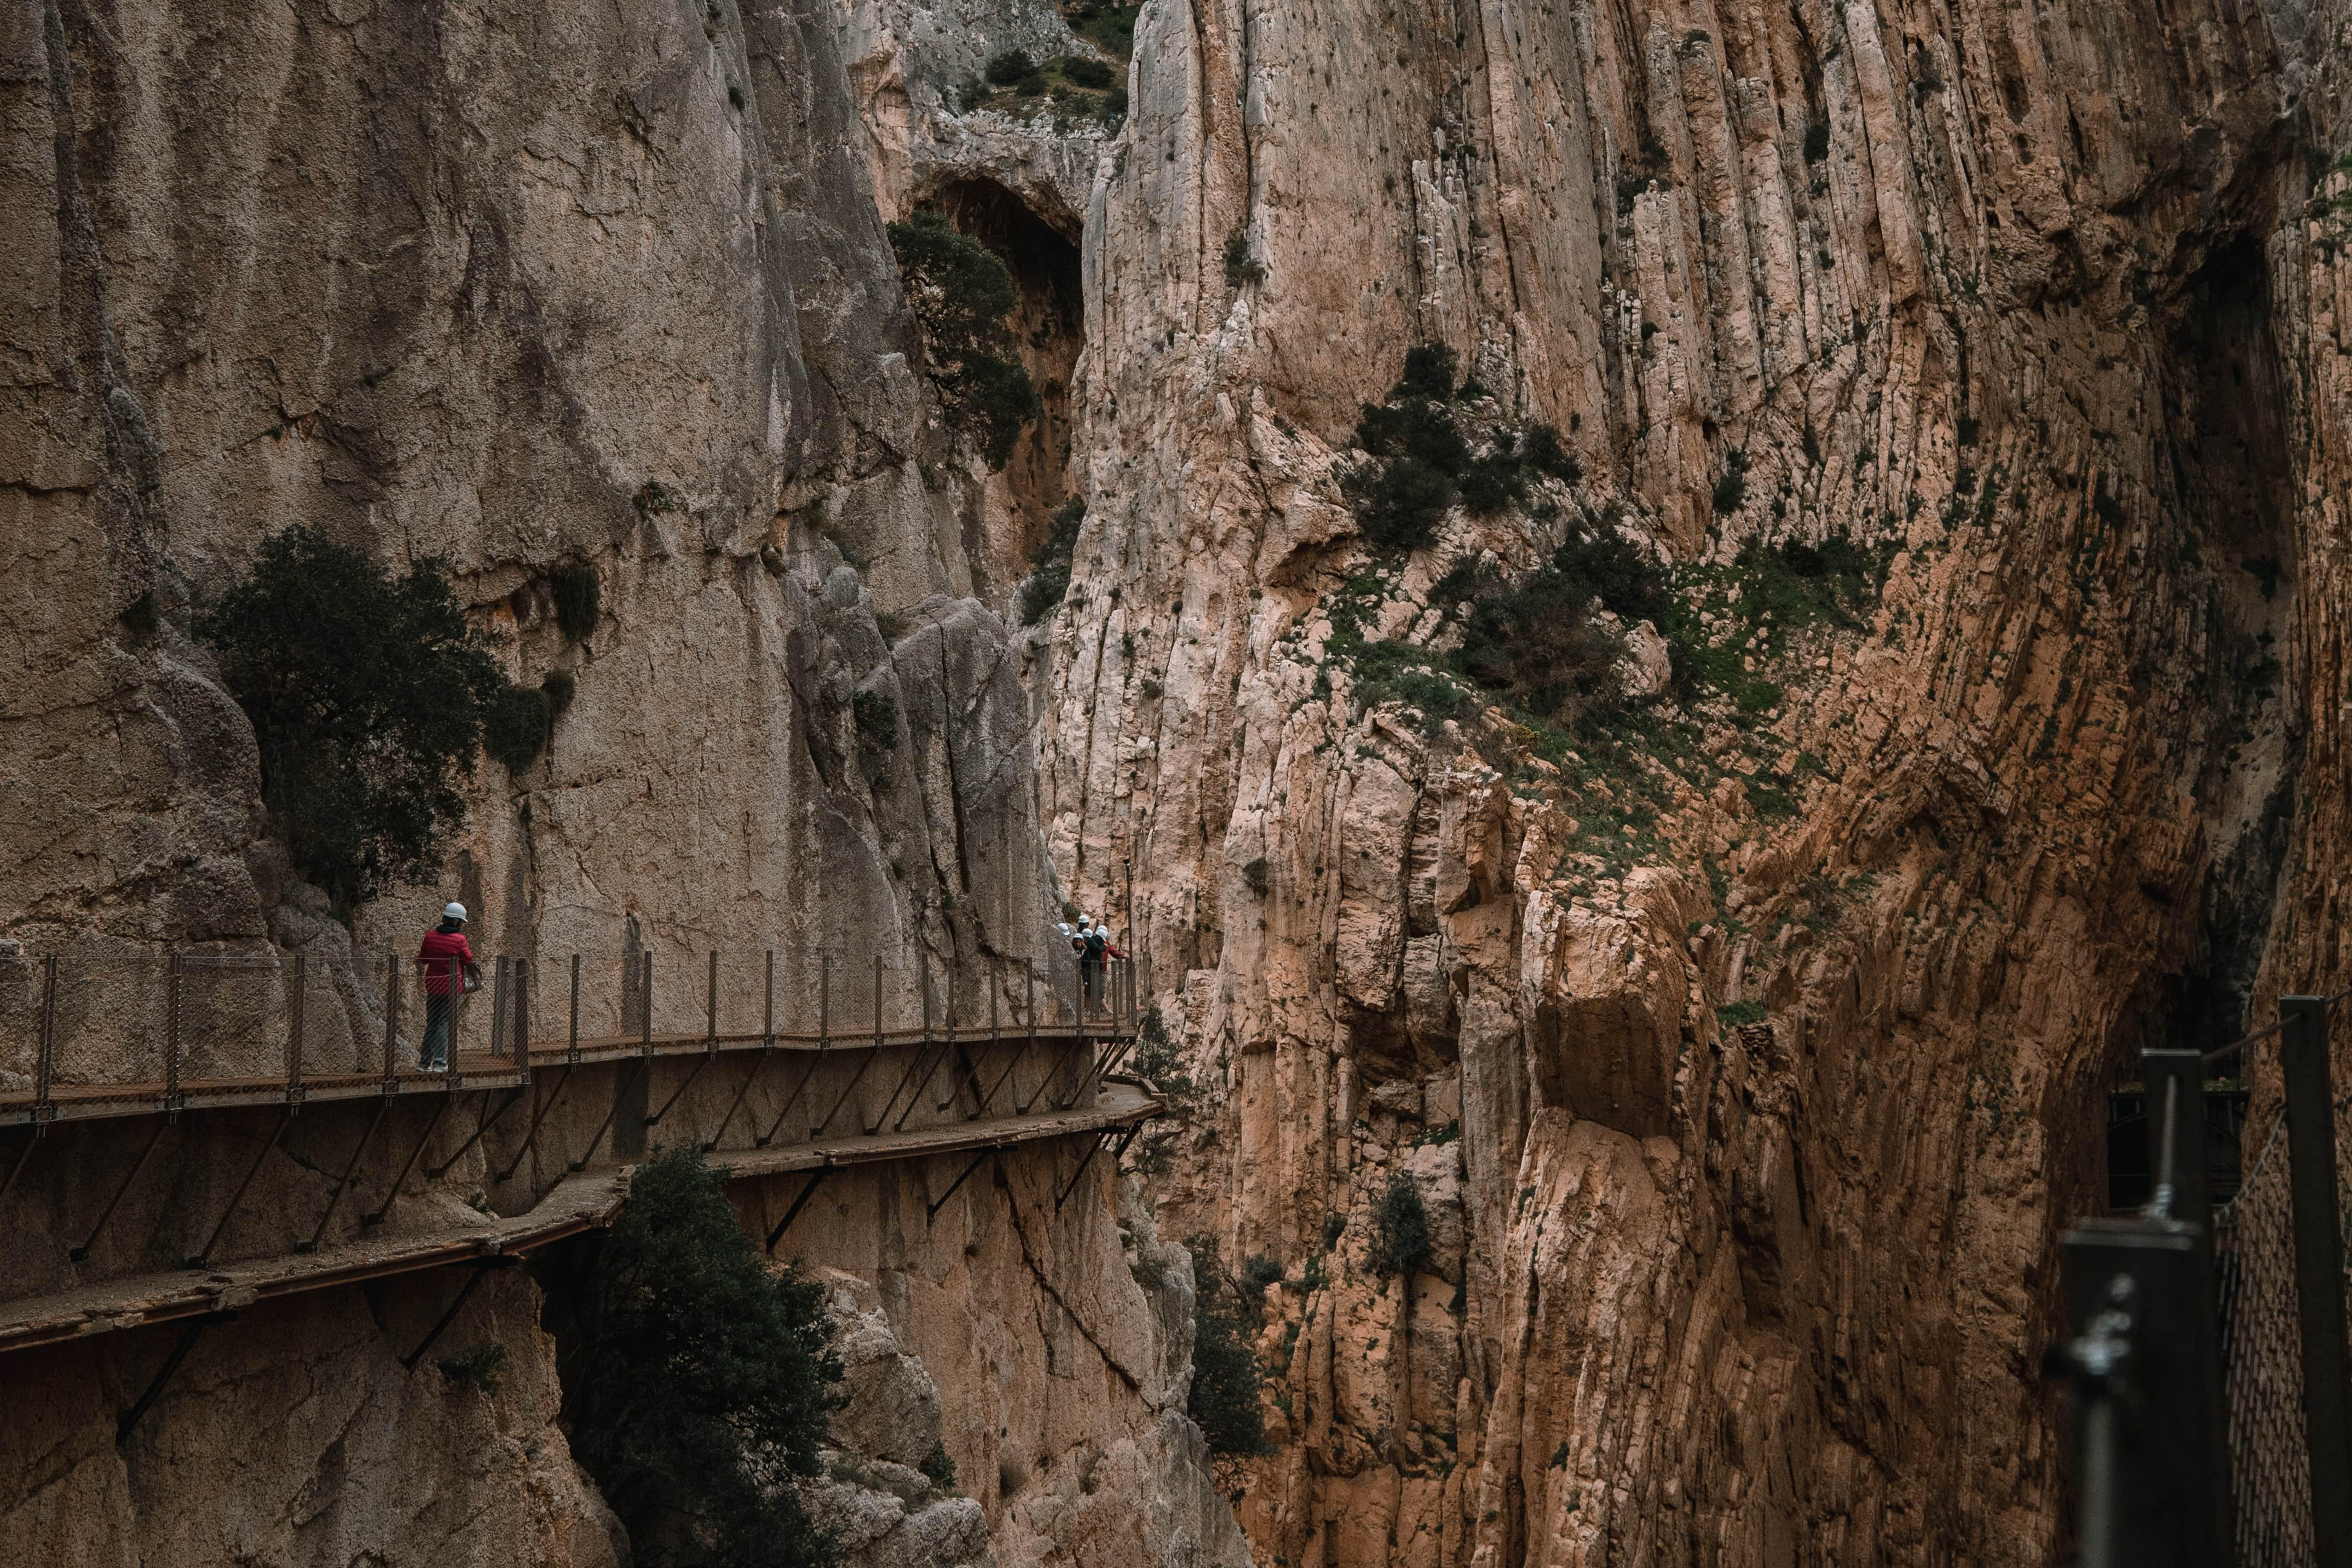 malaga guide to the caminito del rey